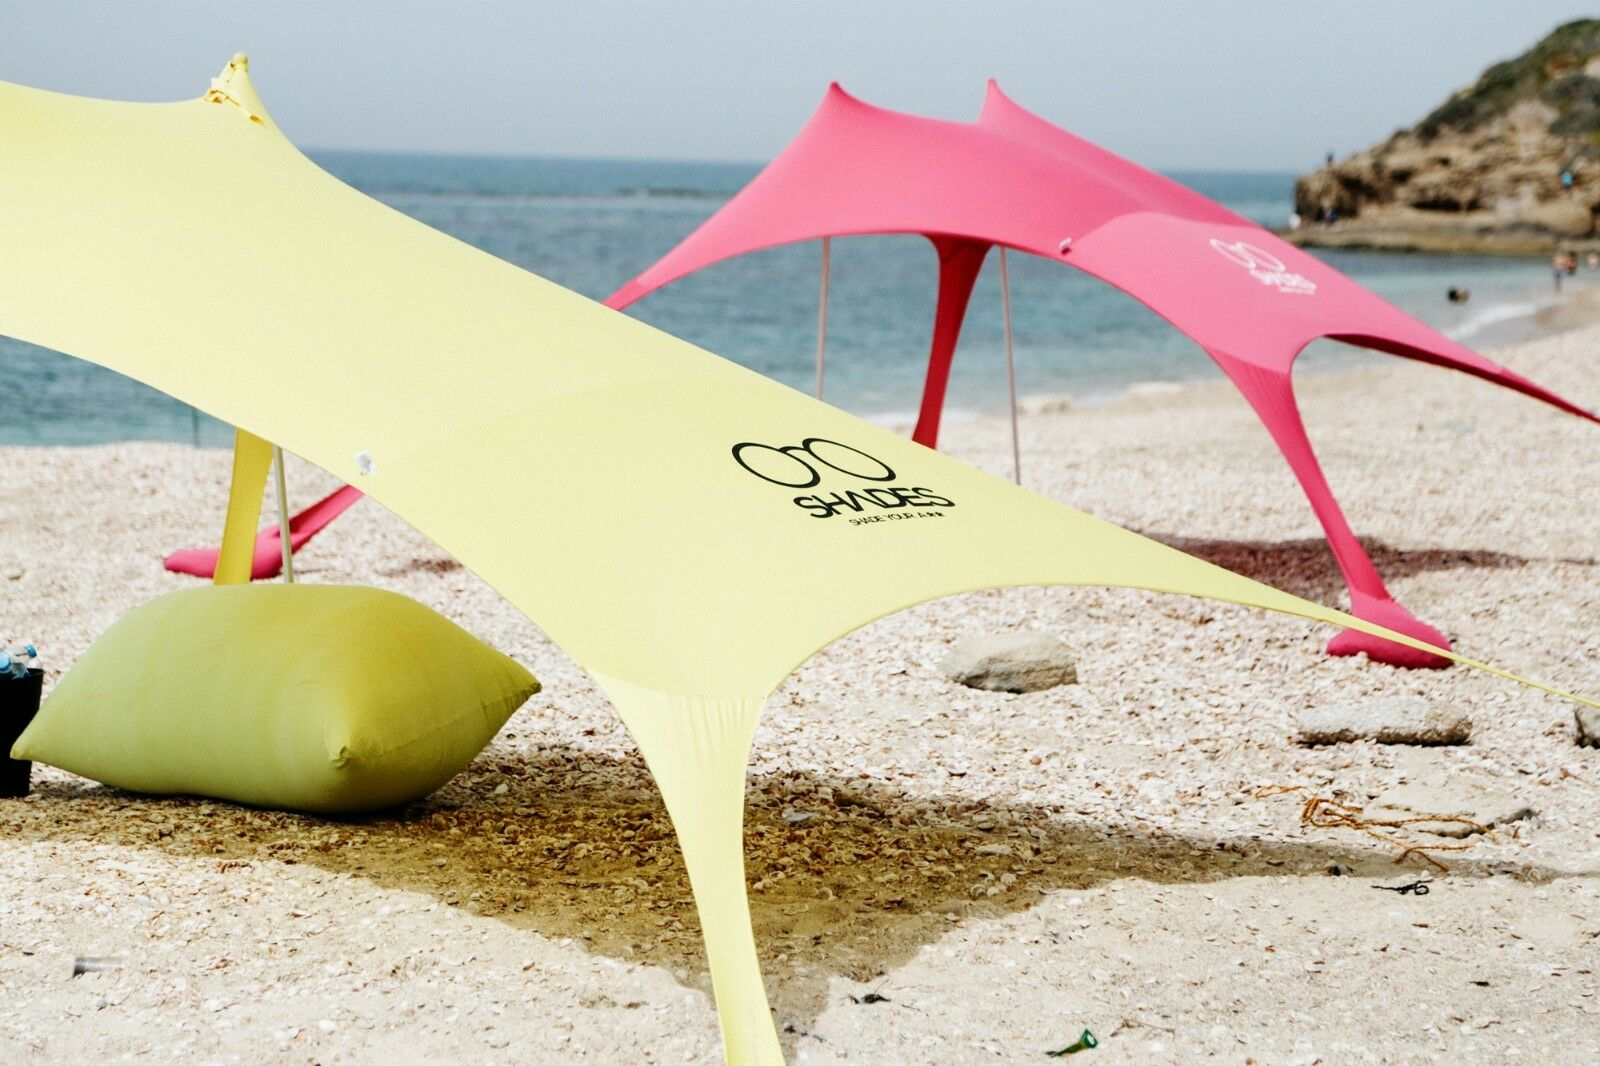 XL Light Weight Portable Beach Sun Shade  Canopy Camping Sunshade Tent Outdoor  online shop